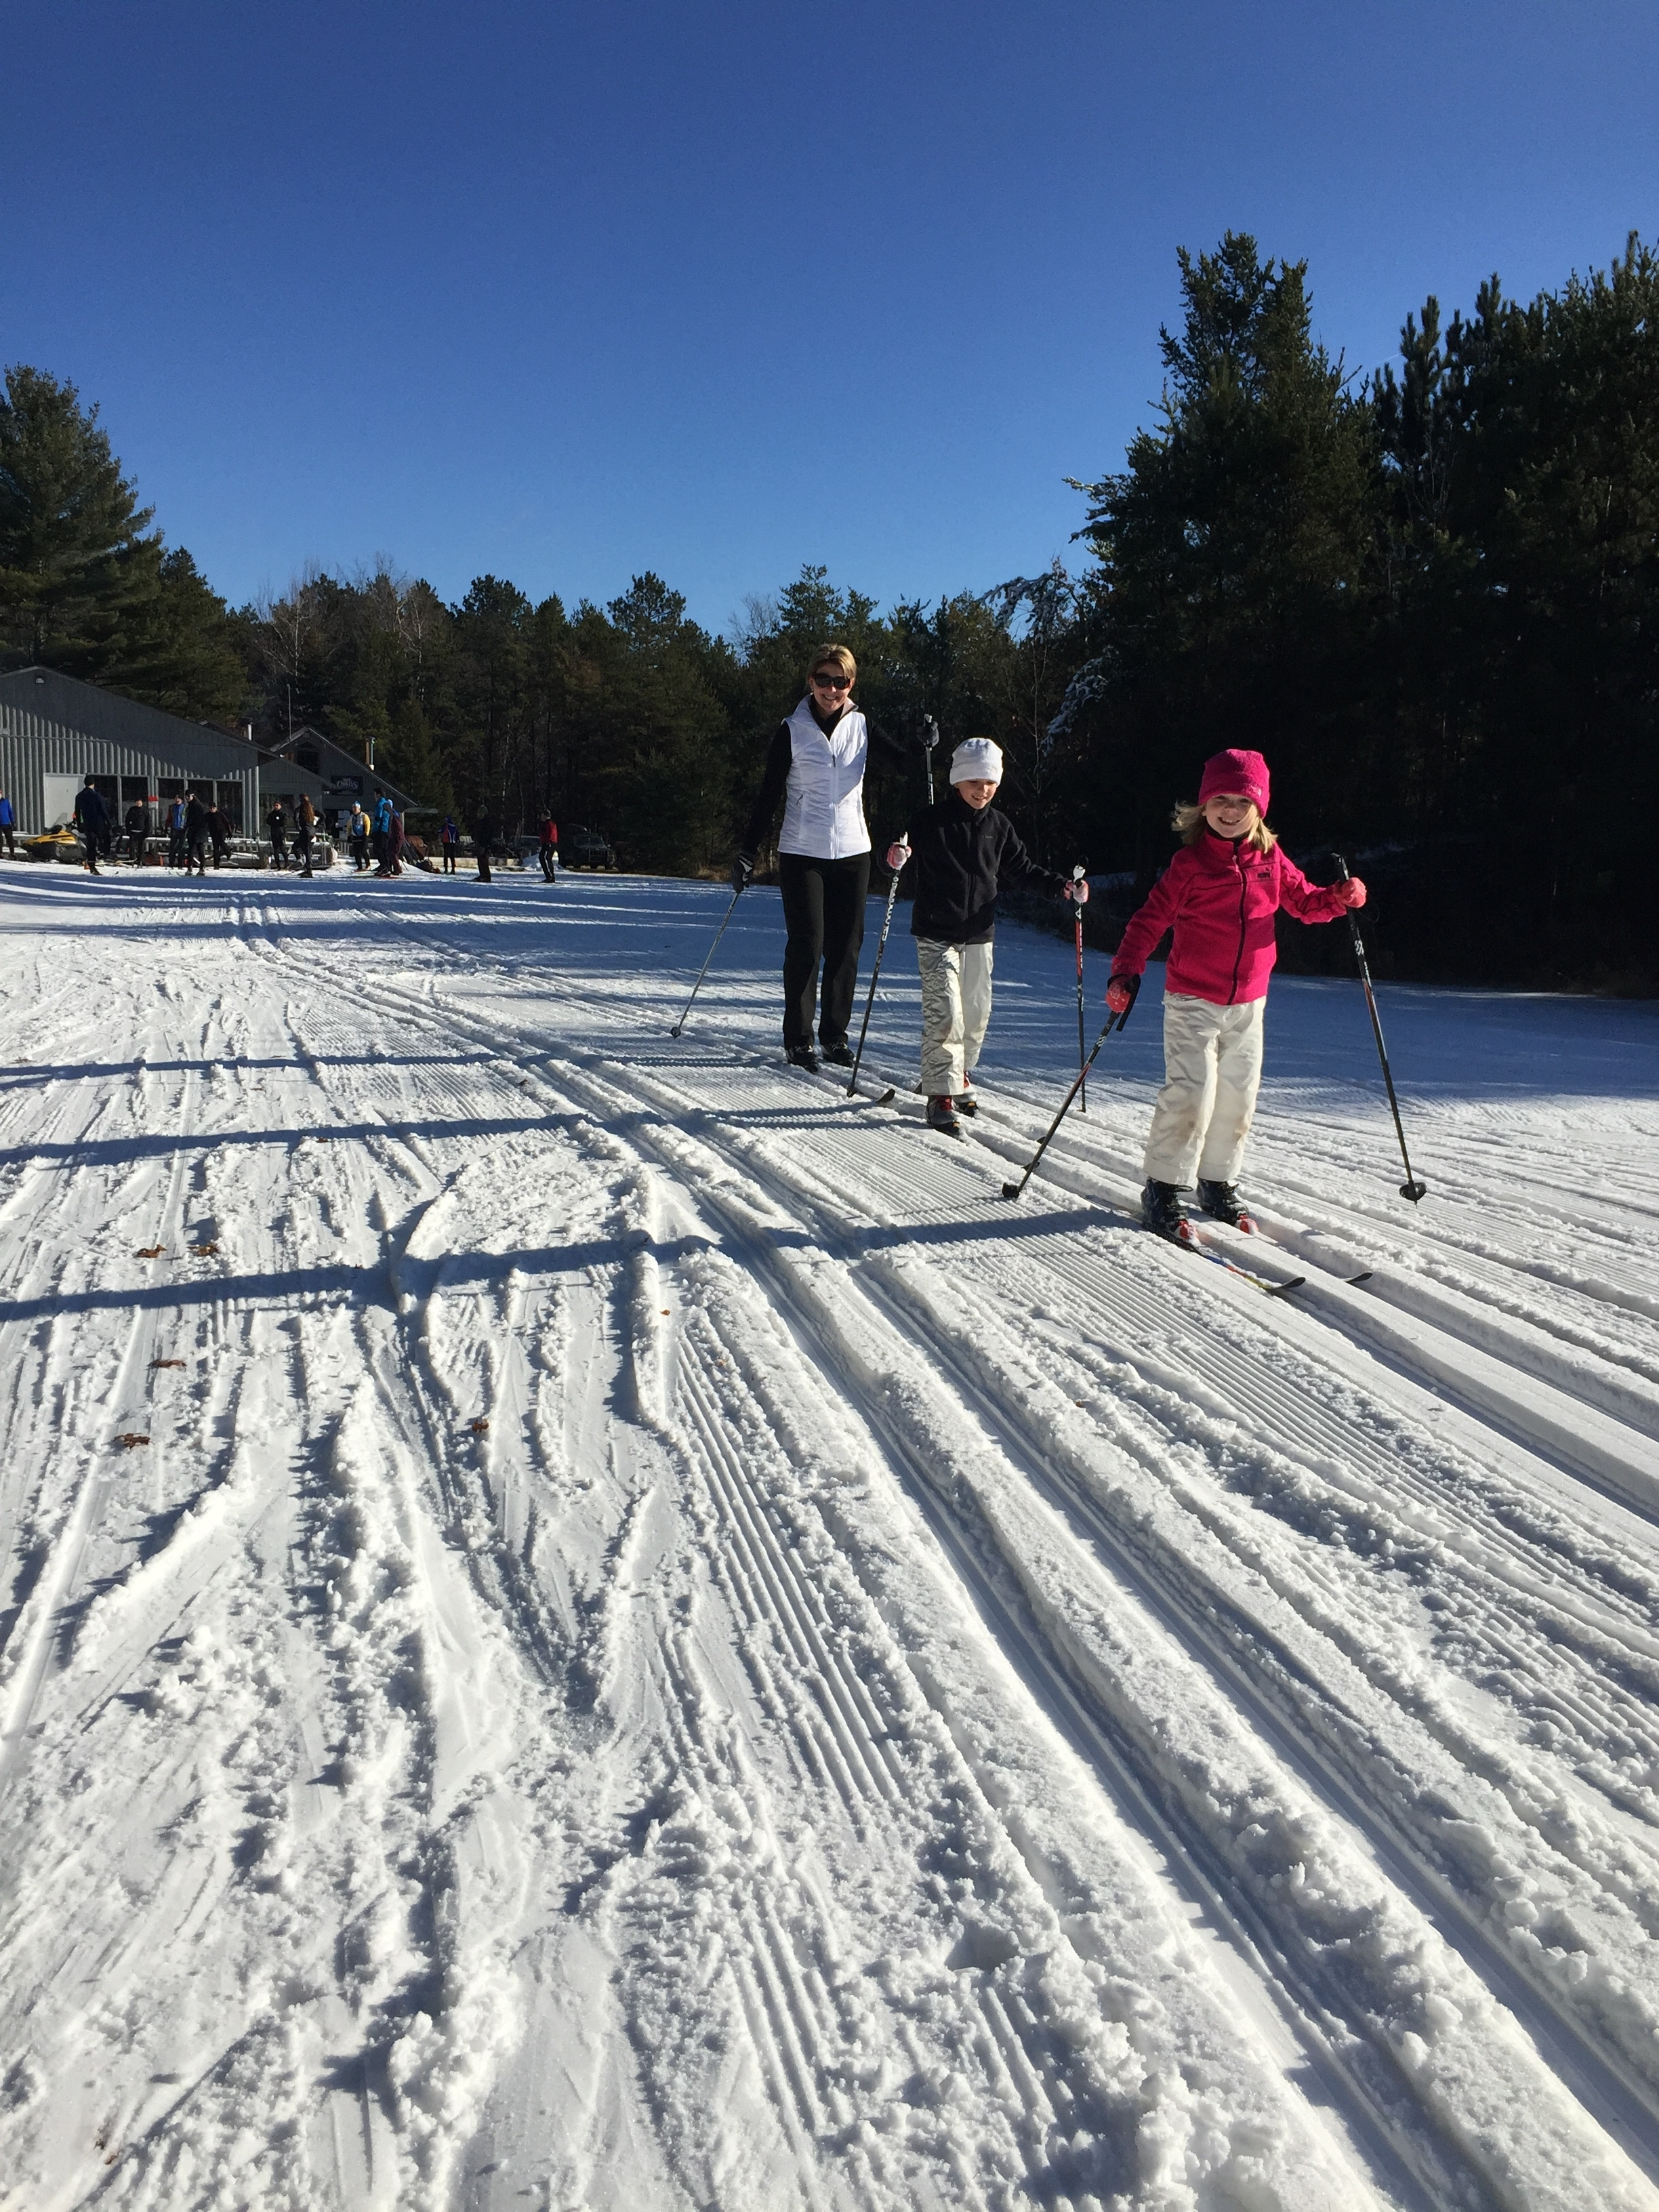 XC Ski Conditions 2/24